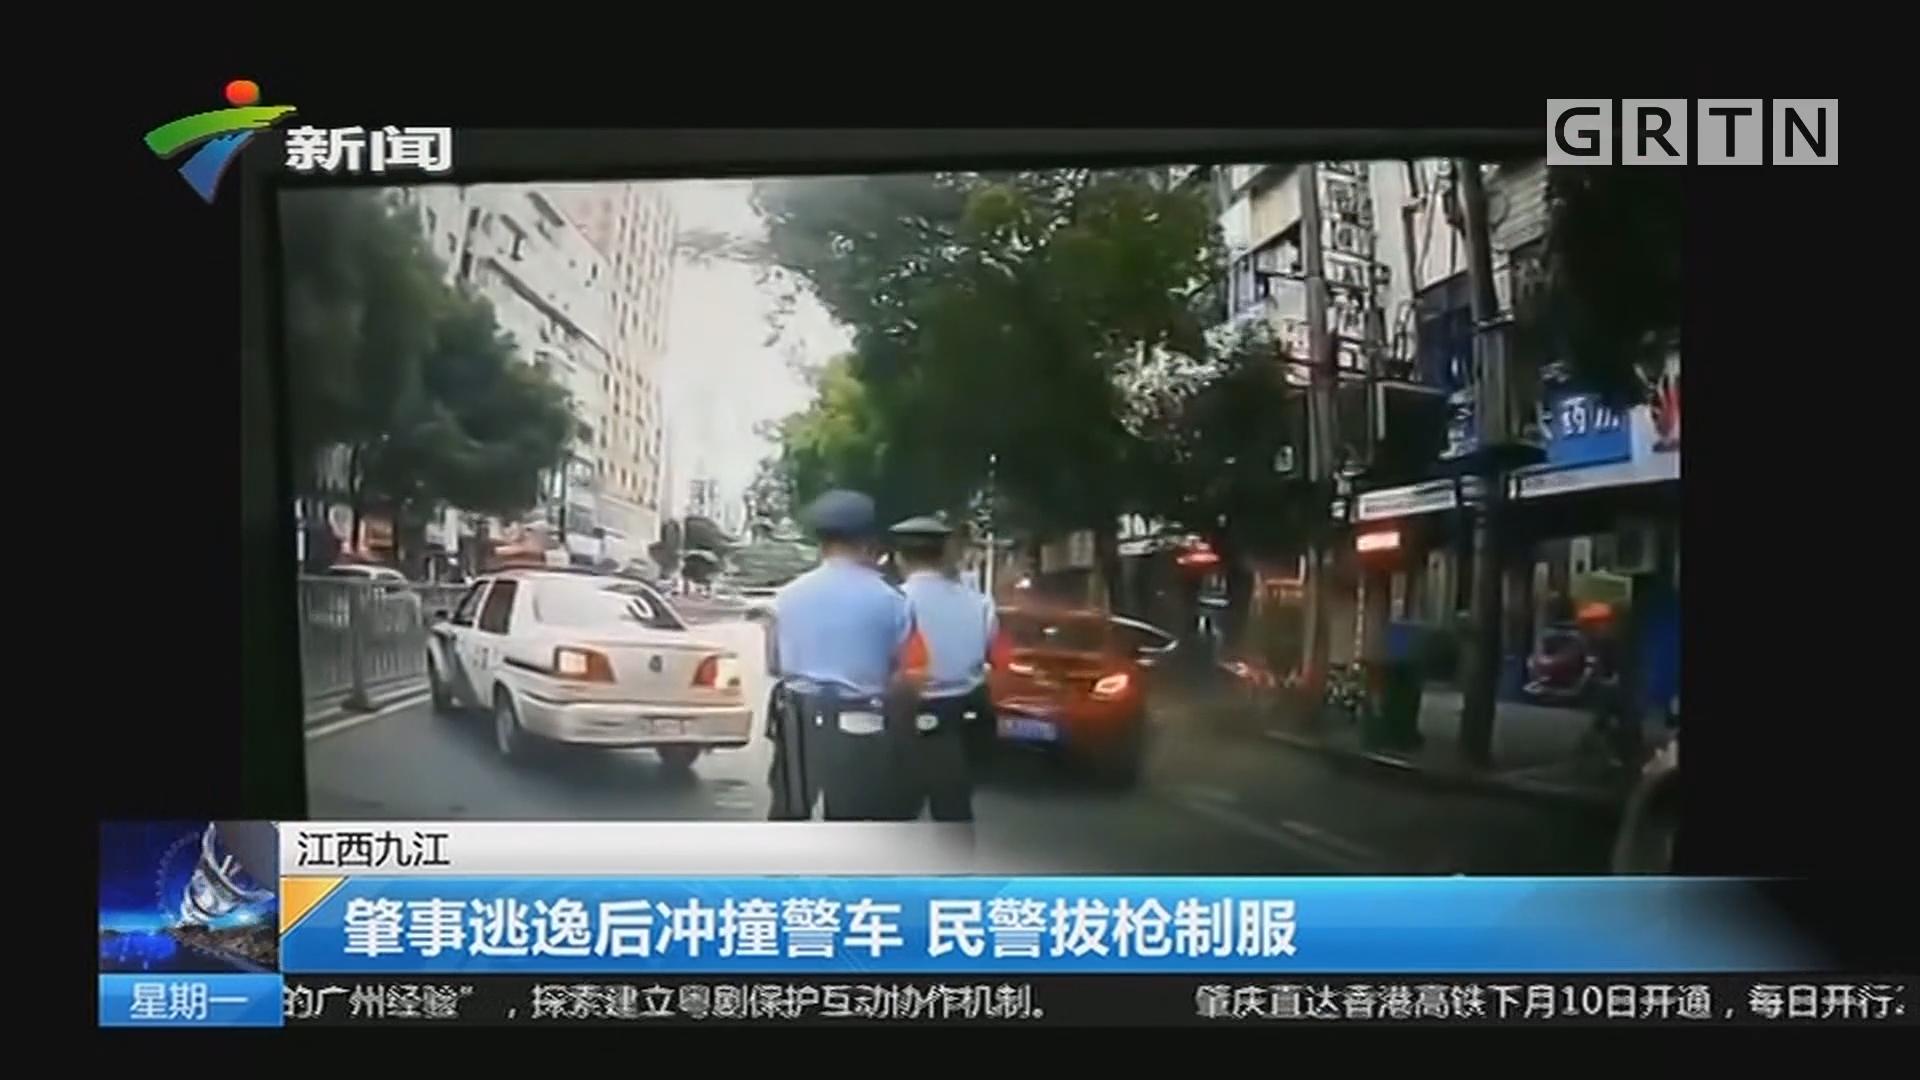 江西九江:肇事逃逸后冲撞警车 民警拔枪制服